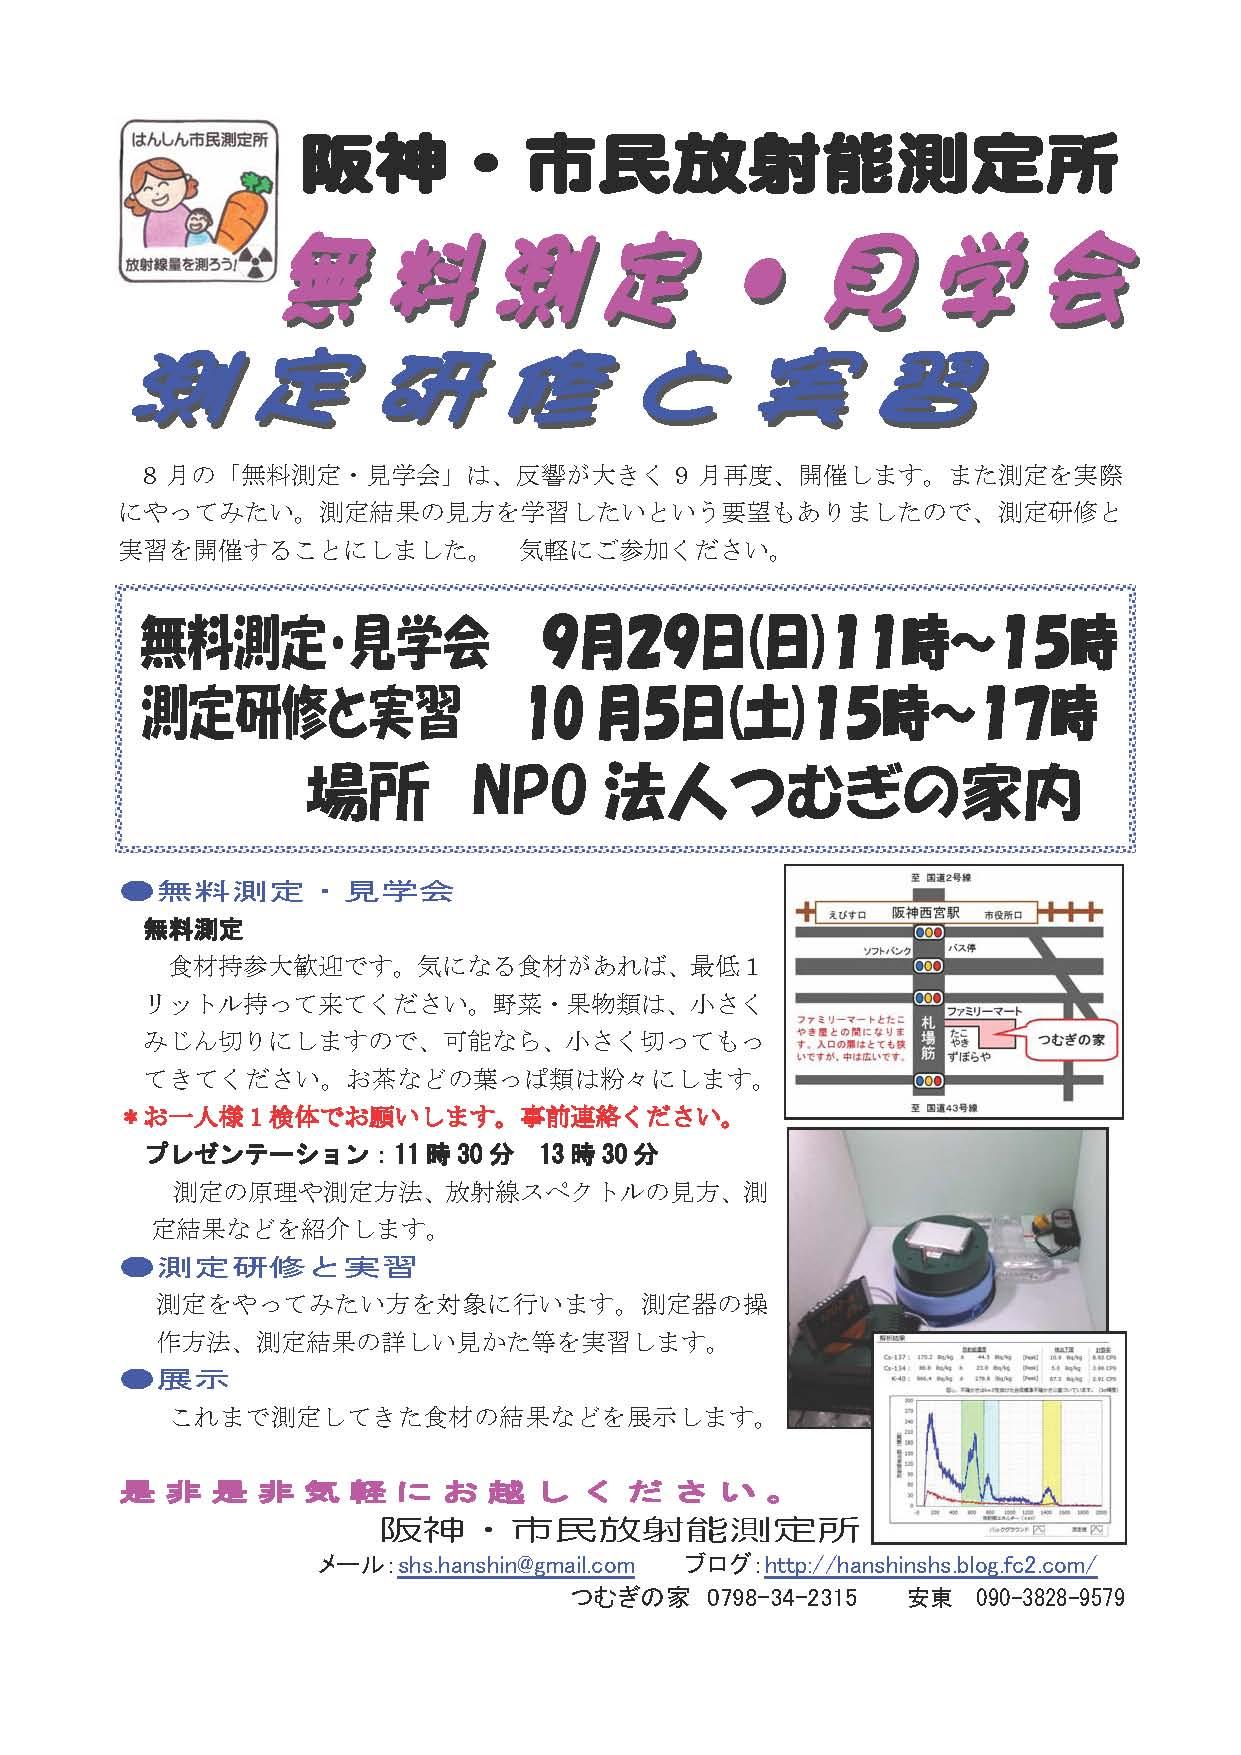 20130928無料測定会